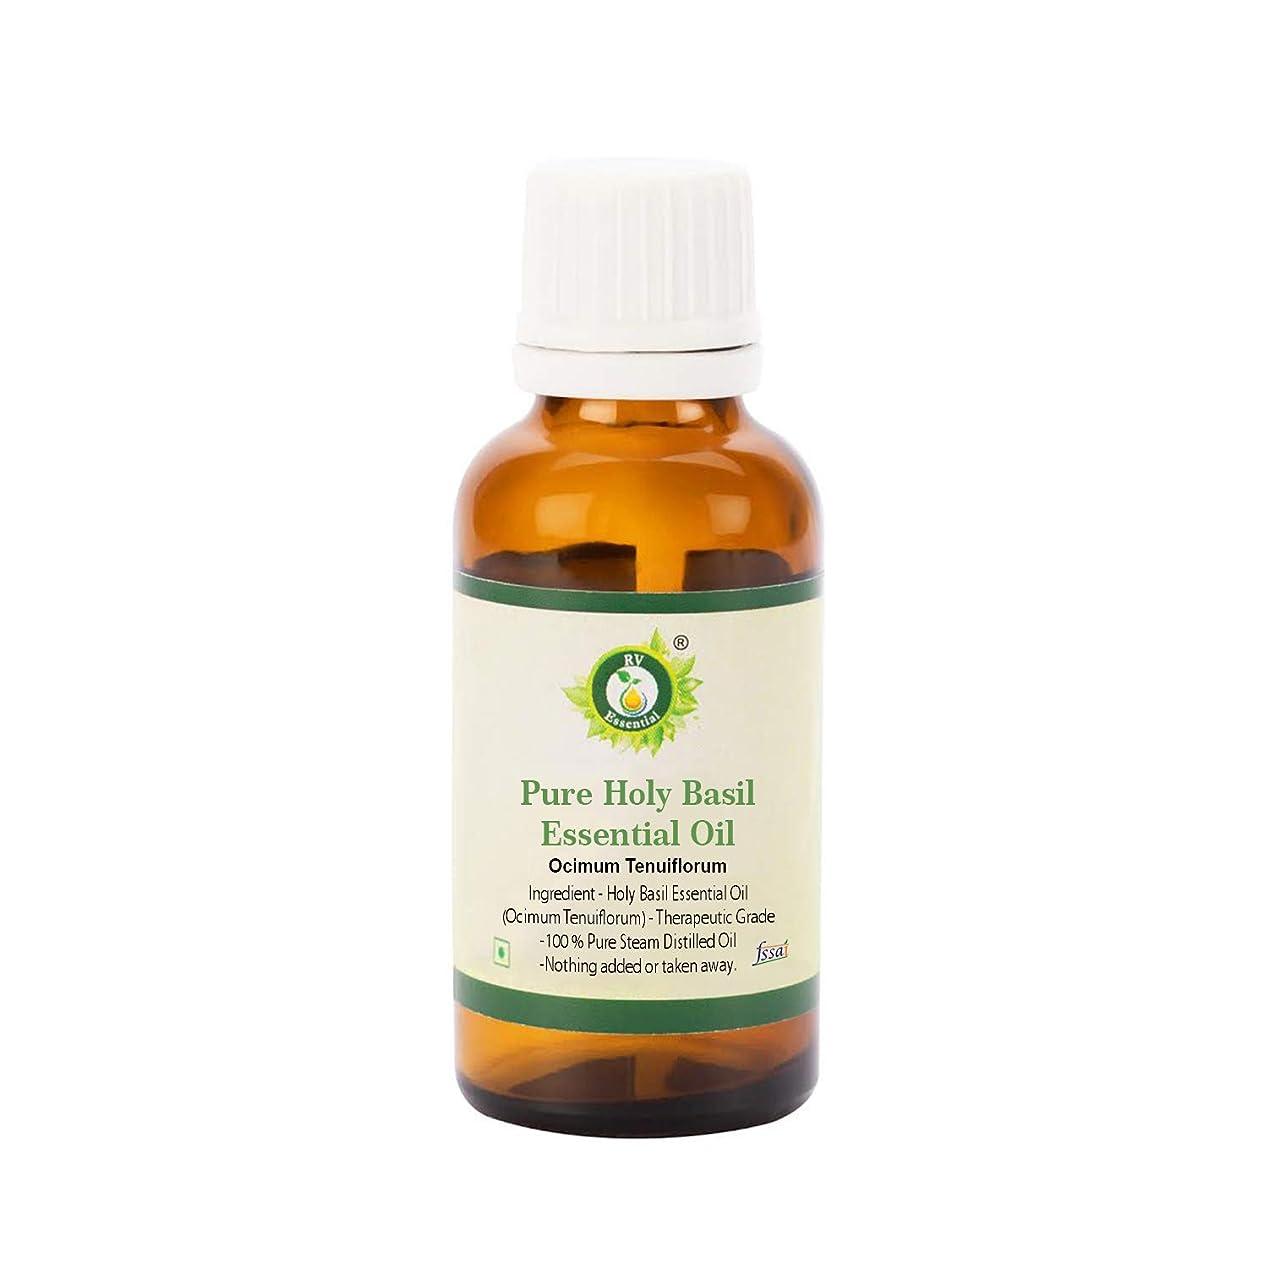 瞳絶縁する注意R V Essential ピュアホーリーバジルエッセンシャルオイル10ml (0.338oz)- Ocimum Tenuiflorum (100%純粋&天然スチームDistilled) Pure Holy Basil Essential Oil